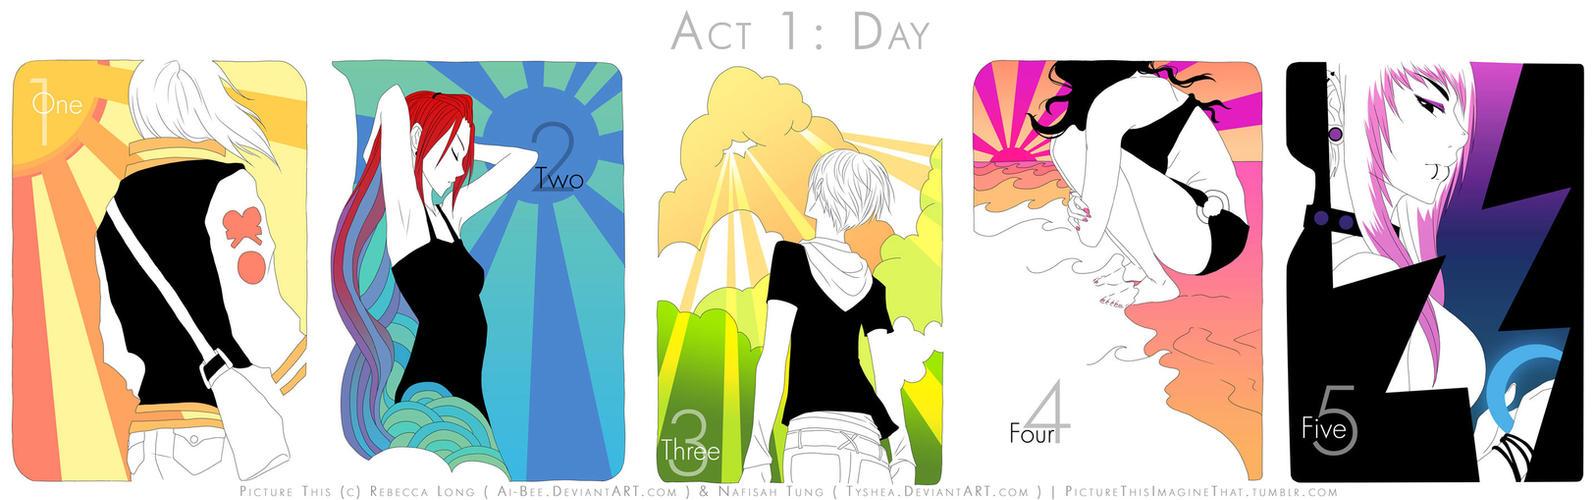 PT - SamSara - Act 1 Day by Tyshea